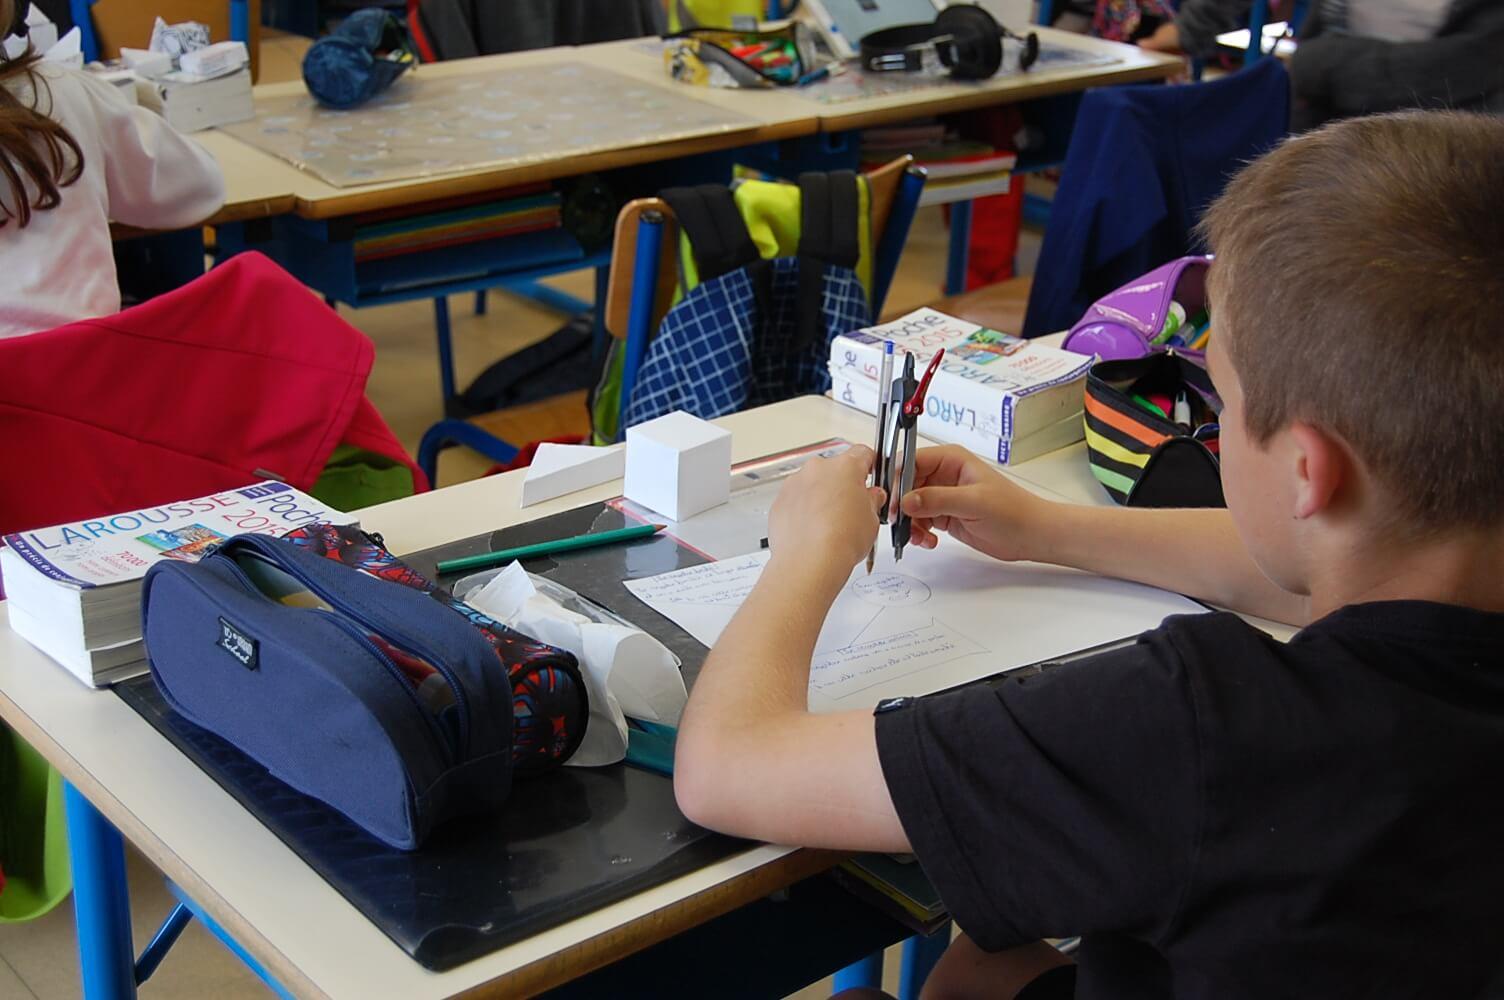 Les enfants personnalisent leurs cartes mentales pour réviser les notions vues en classe.